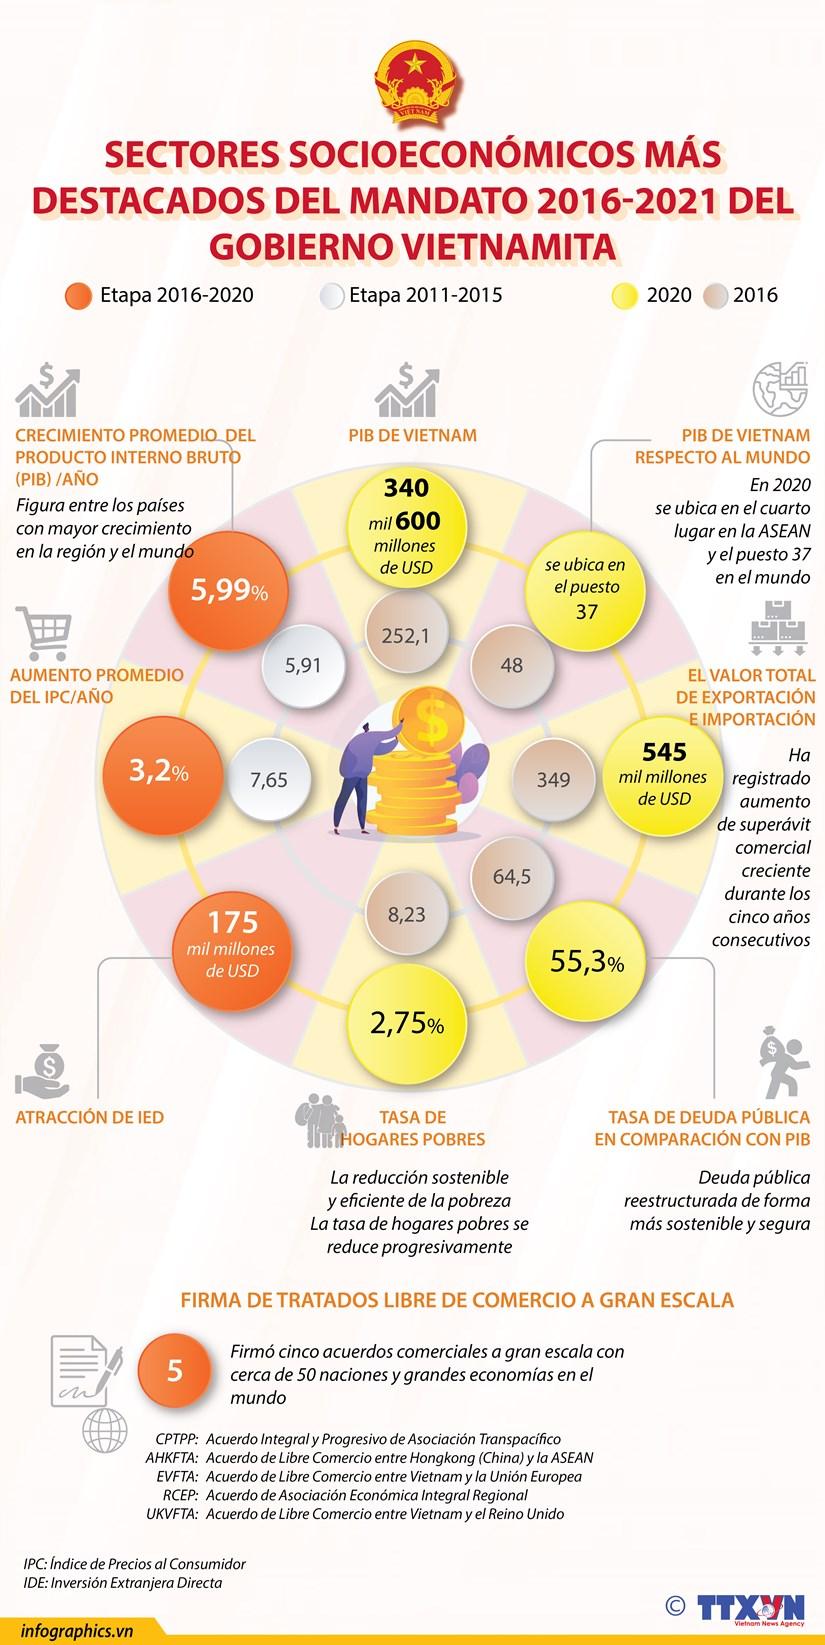 Sectores socioeconomicos mas destacados del mandato 2016-2021 del gobierno vietnamita hinh anh 1